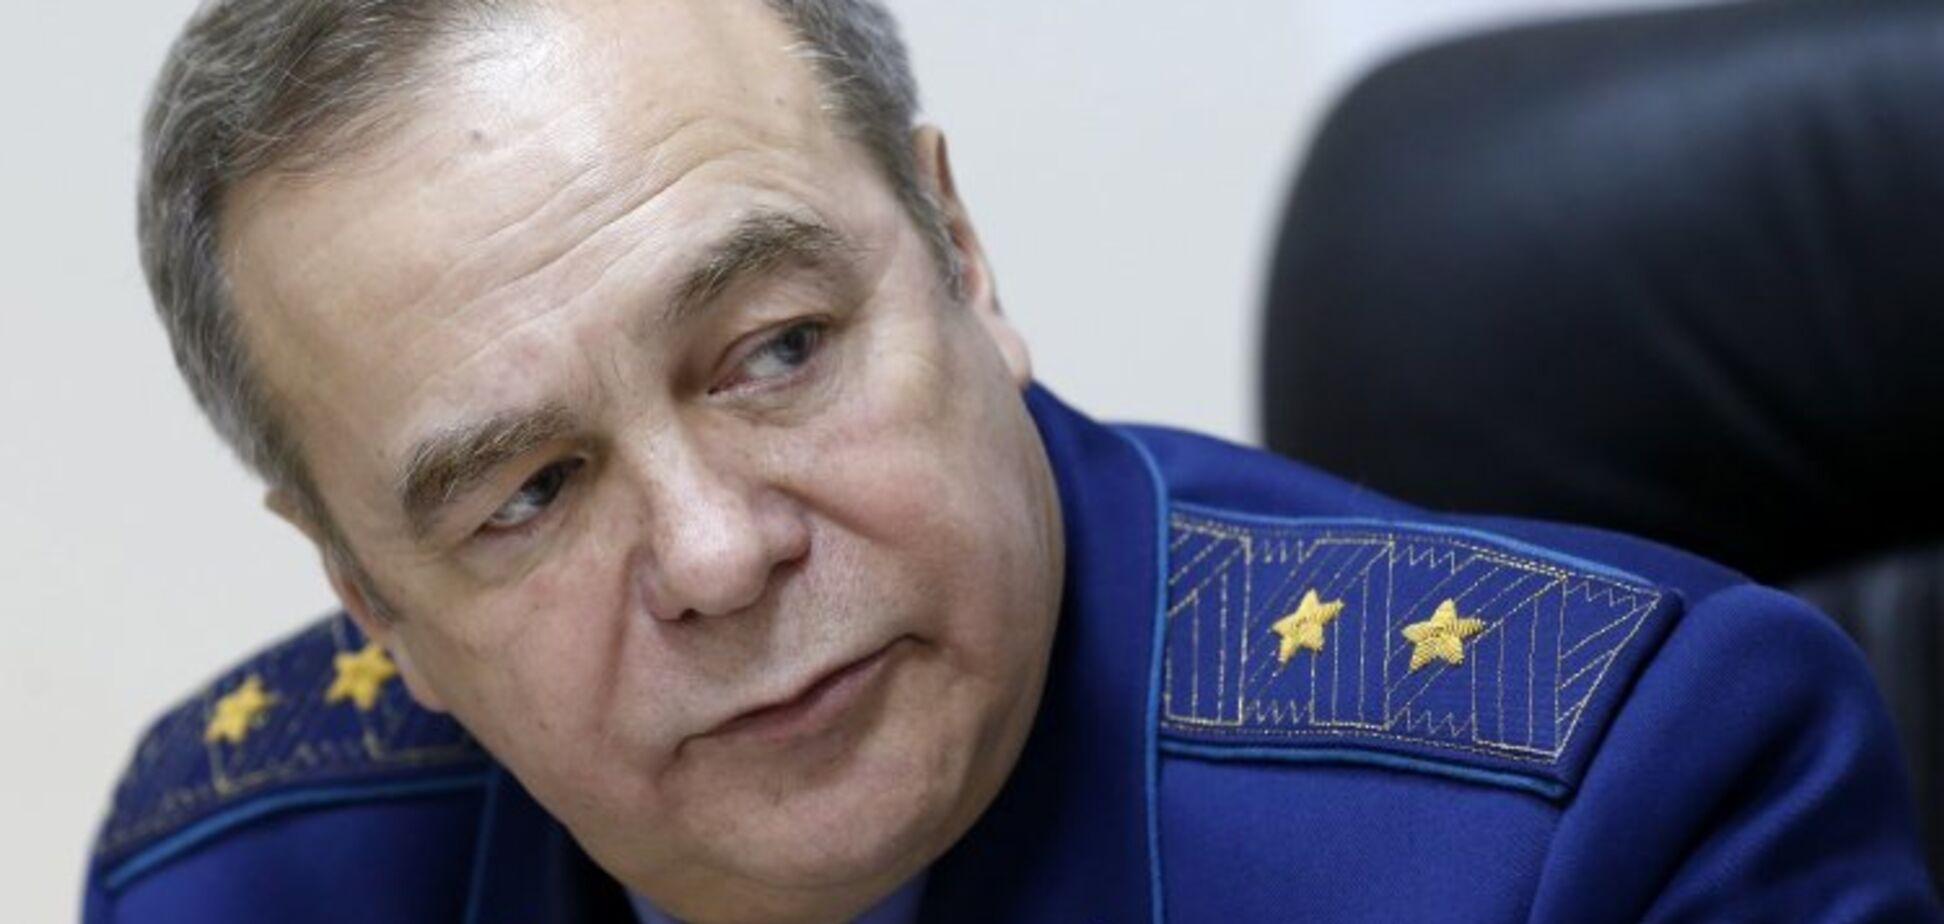 Напередодні свят? Генерал ЗСУ висловився про новий напад Росії